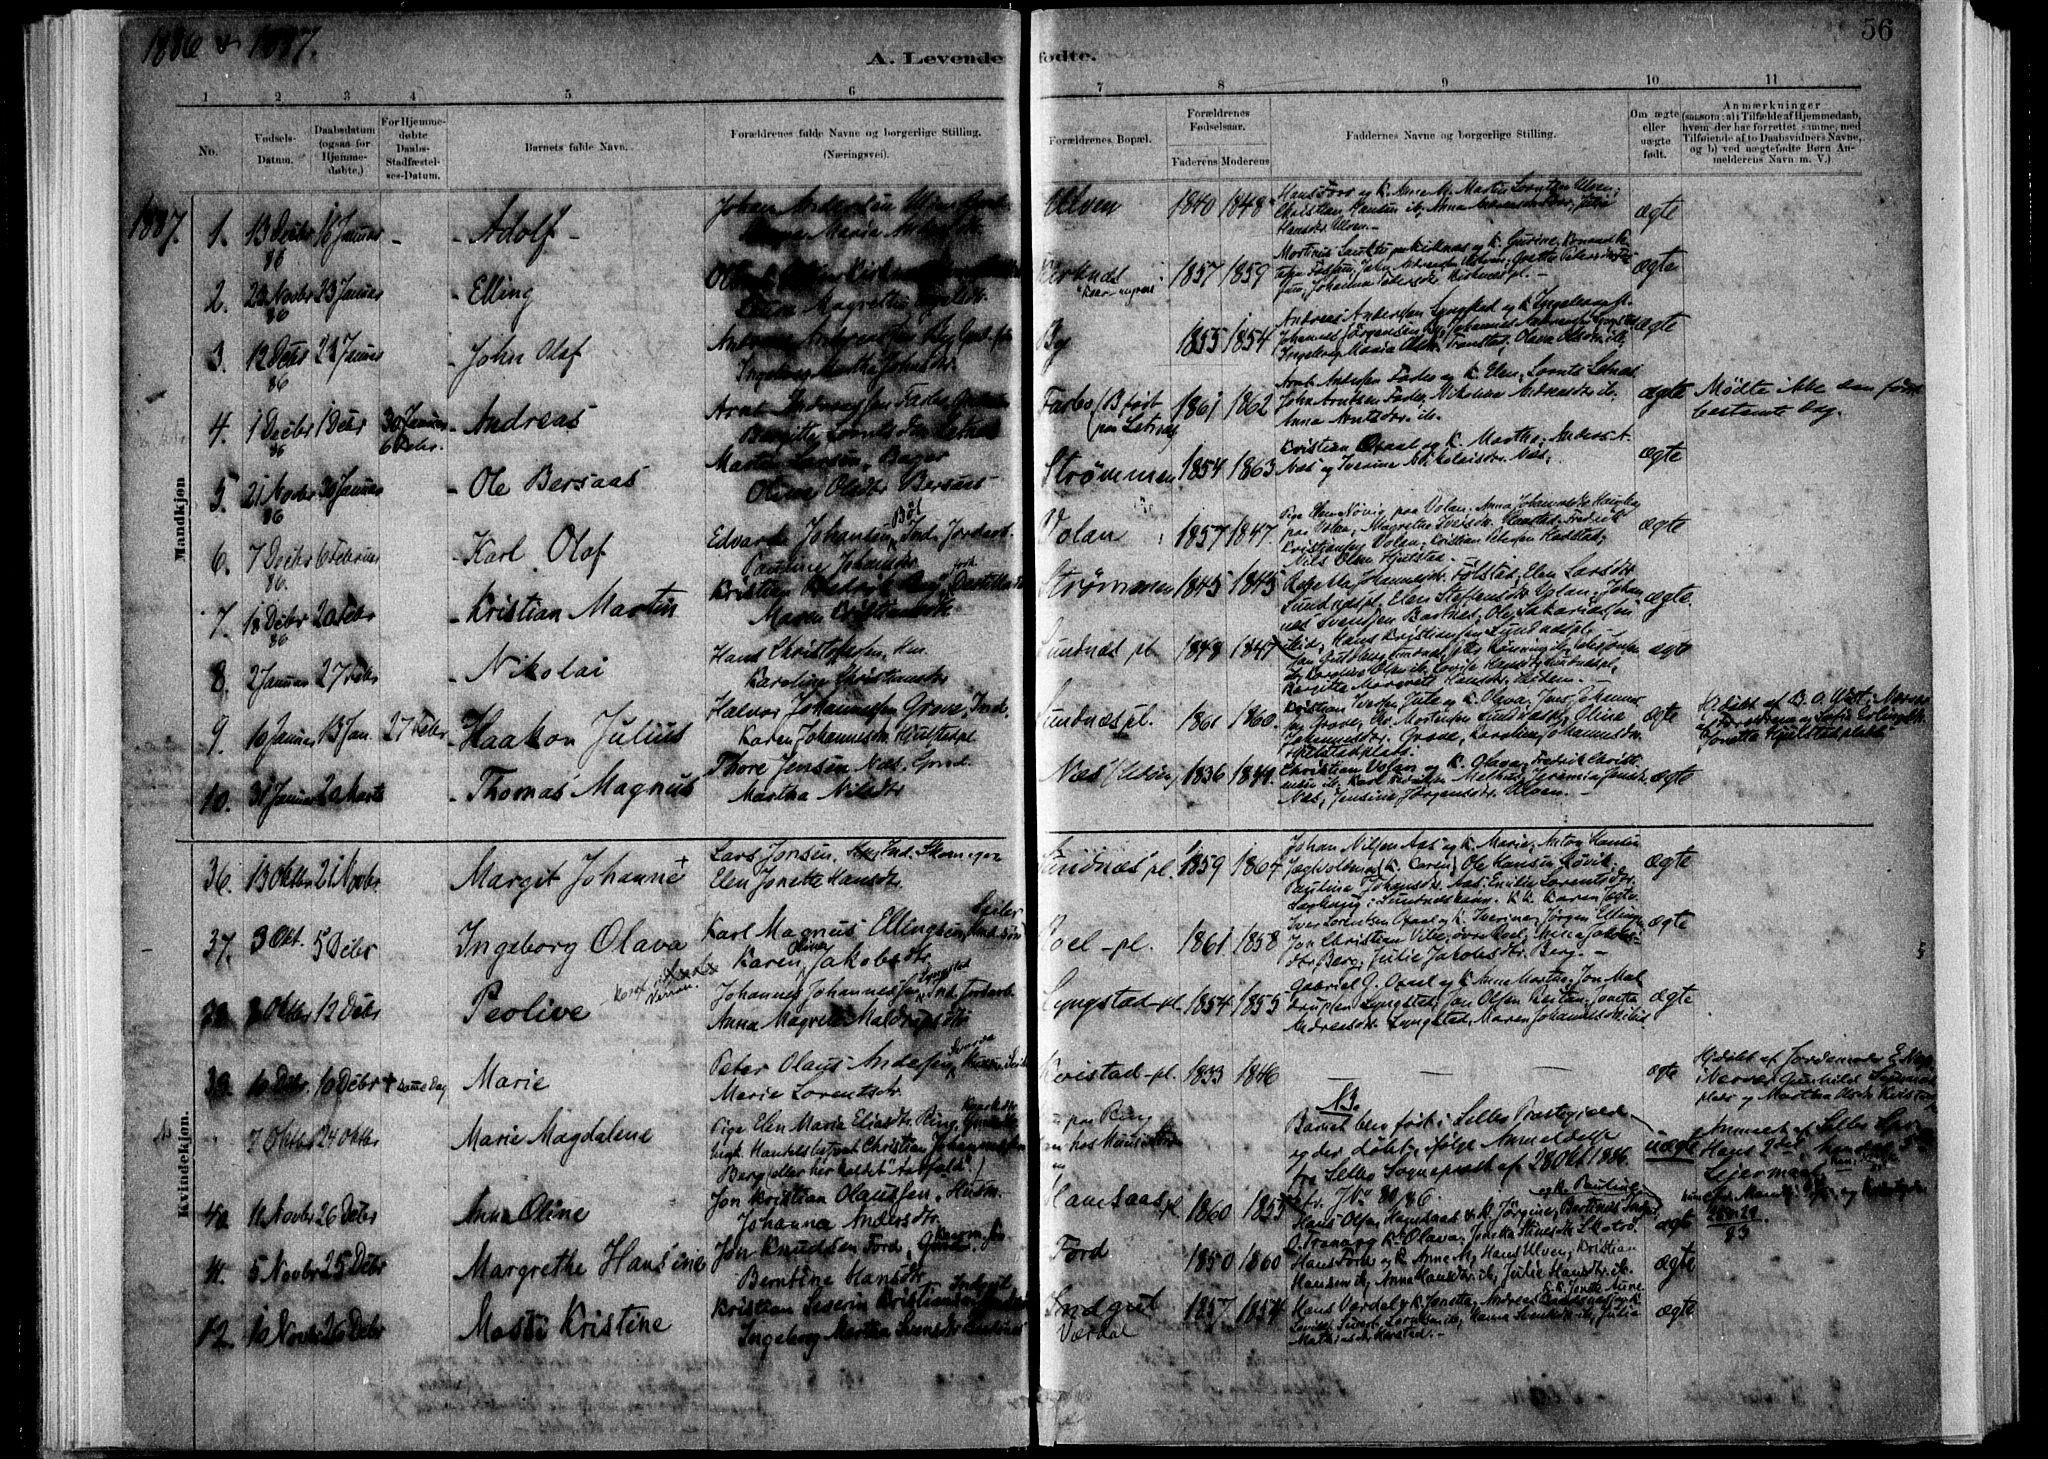 SAT, Ministerialprotokoller, klokkerbøker og fødselsregistre - Nord-Trøndelag, 730/L0285: Ministerialbok nr. 730A10, 1879-1914, s. 56